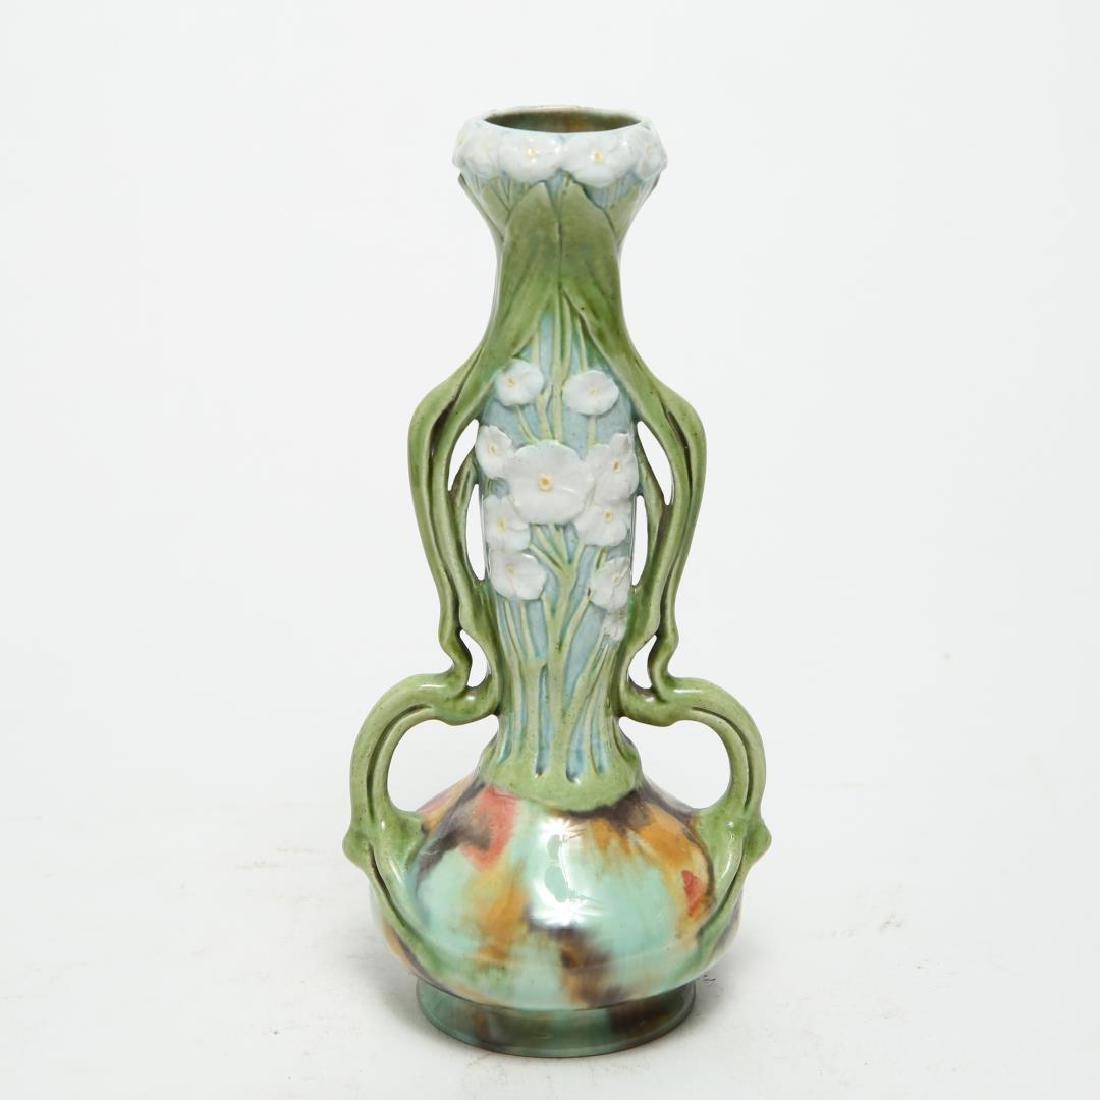 Zsolnay Pecs Vase, Antique Art Nouveau Ceramic